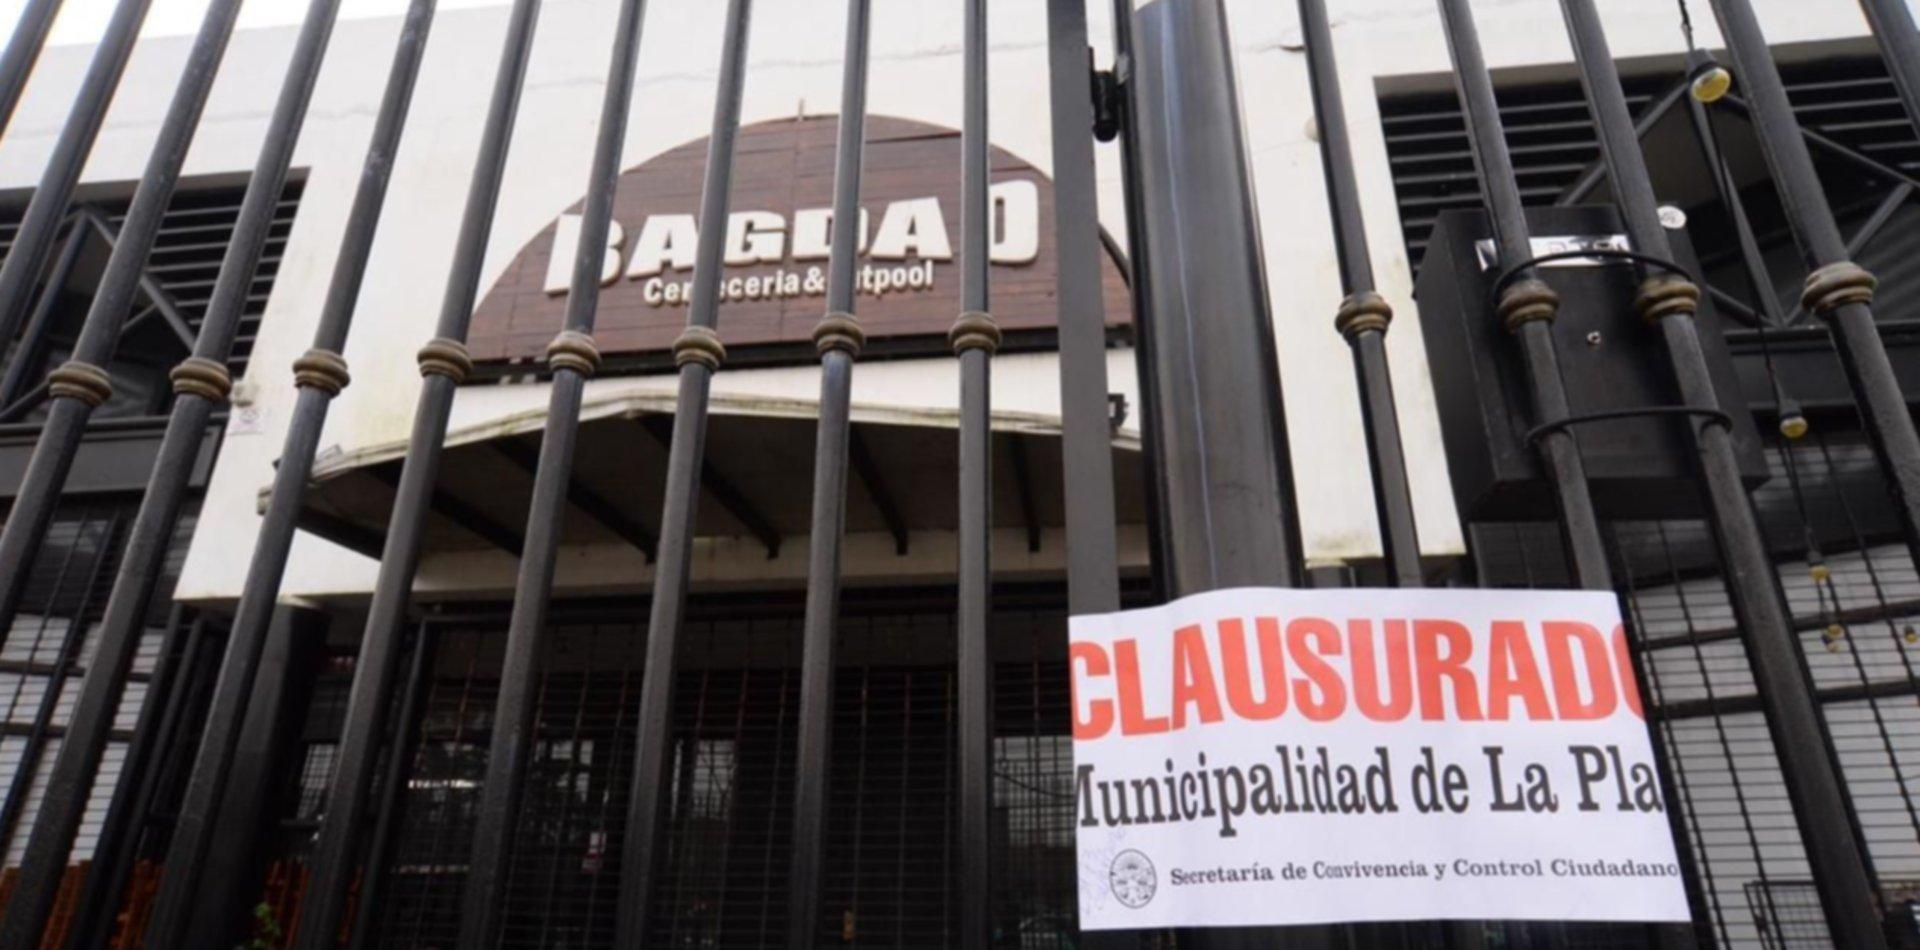 Fiesta clandestina y escándalo en La Plata: los descubrieron y se atrincheraron